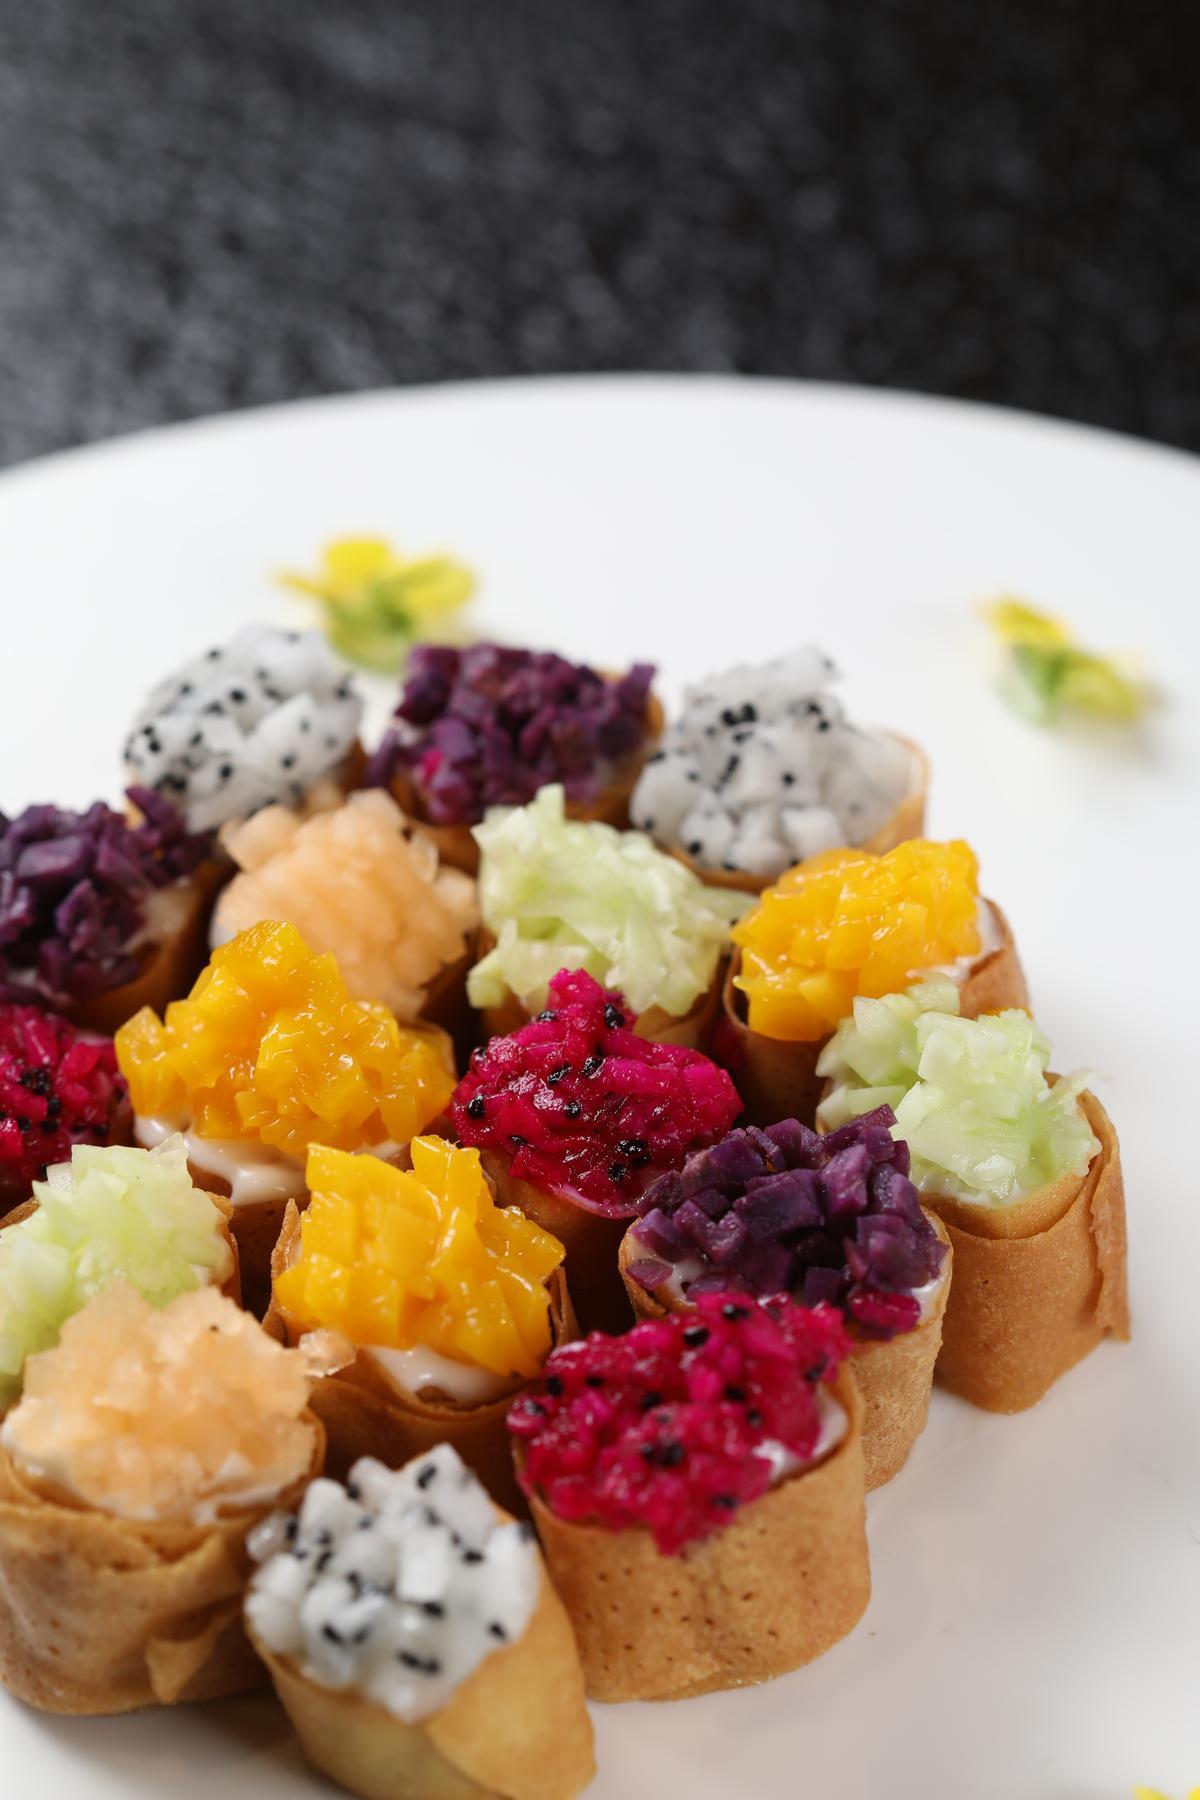 「水果沙拉咯吱盒」色彩鮮豔、誘人食欲,一口一個很方便。(人民幣36元/份,約NT$162)